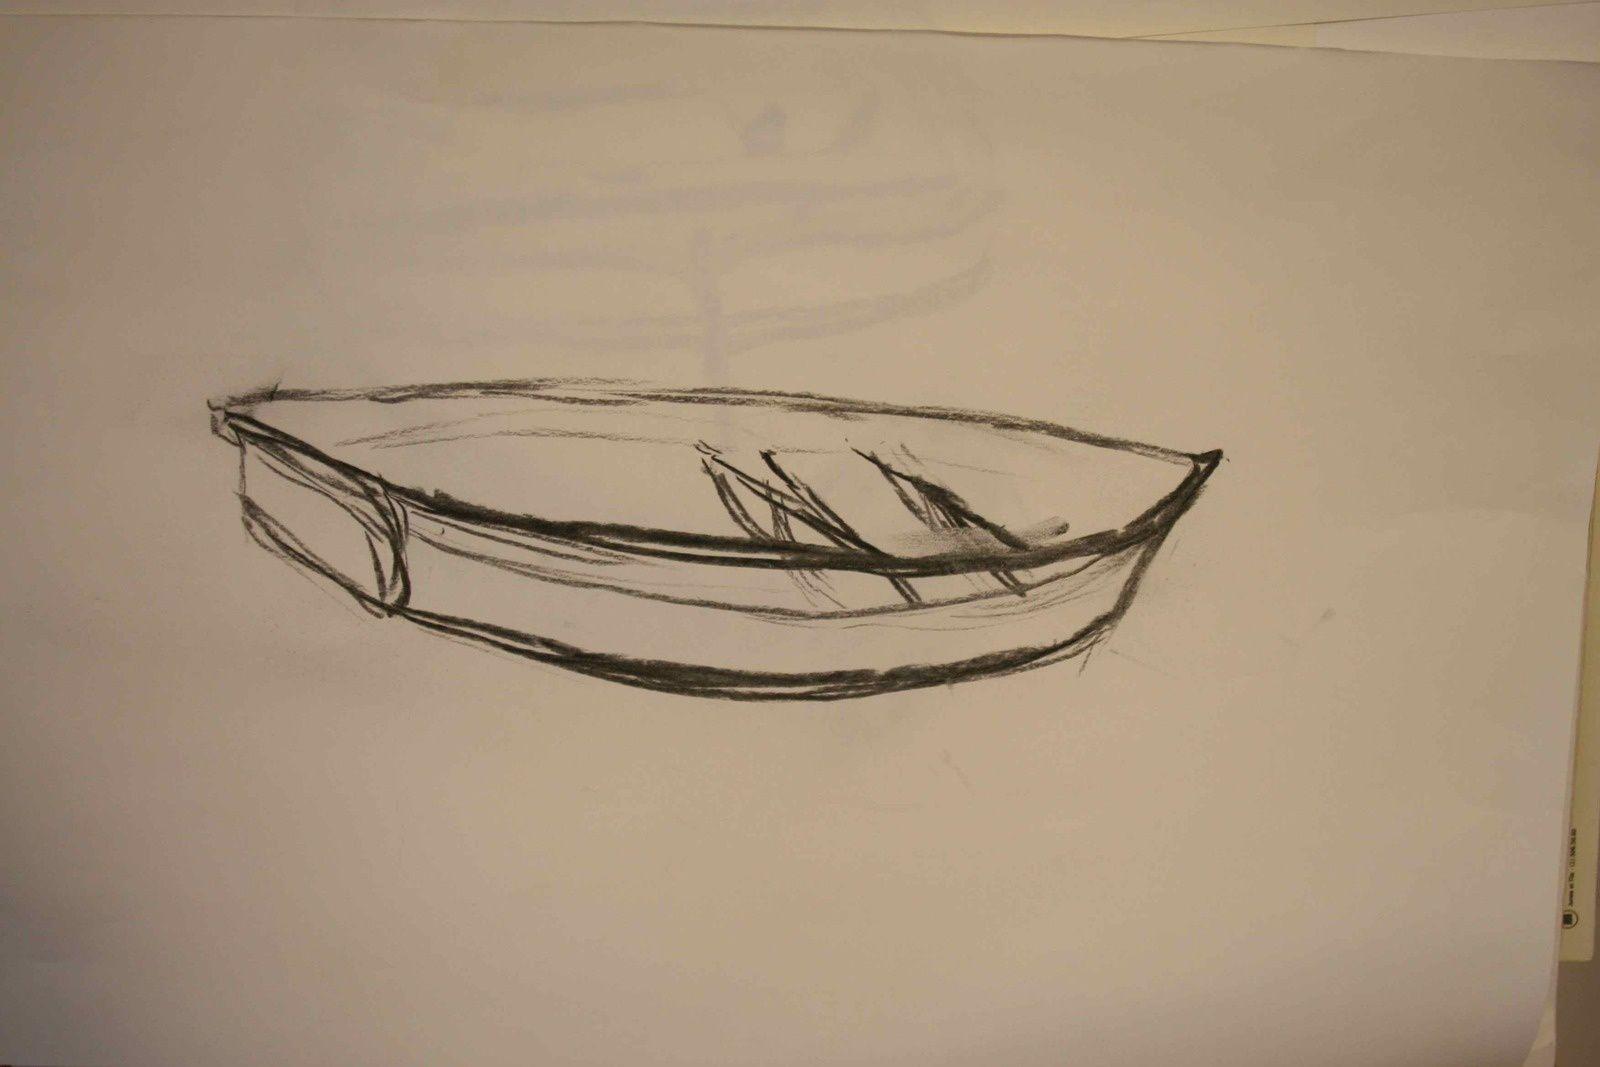 Rétrospective : la mer, l'eau, les bateaux